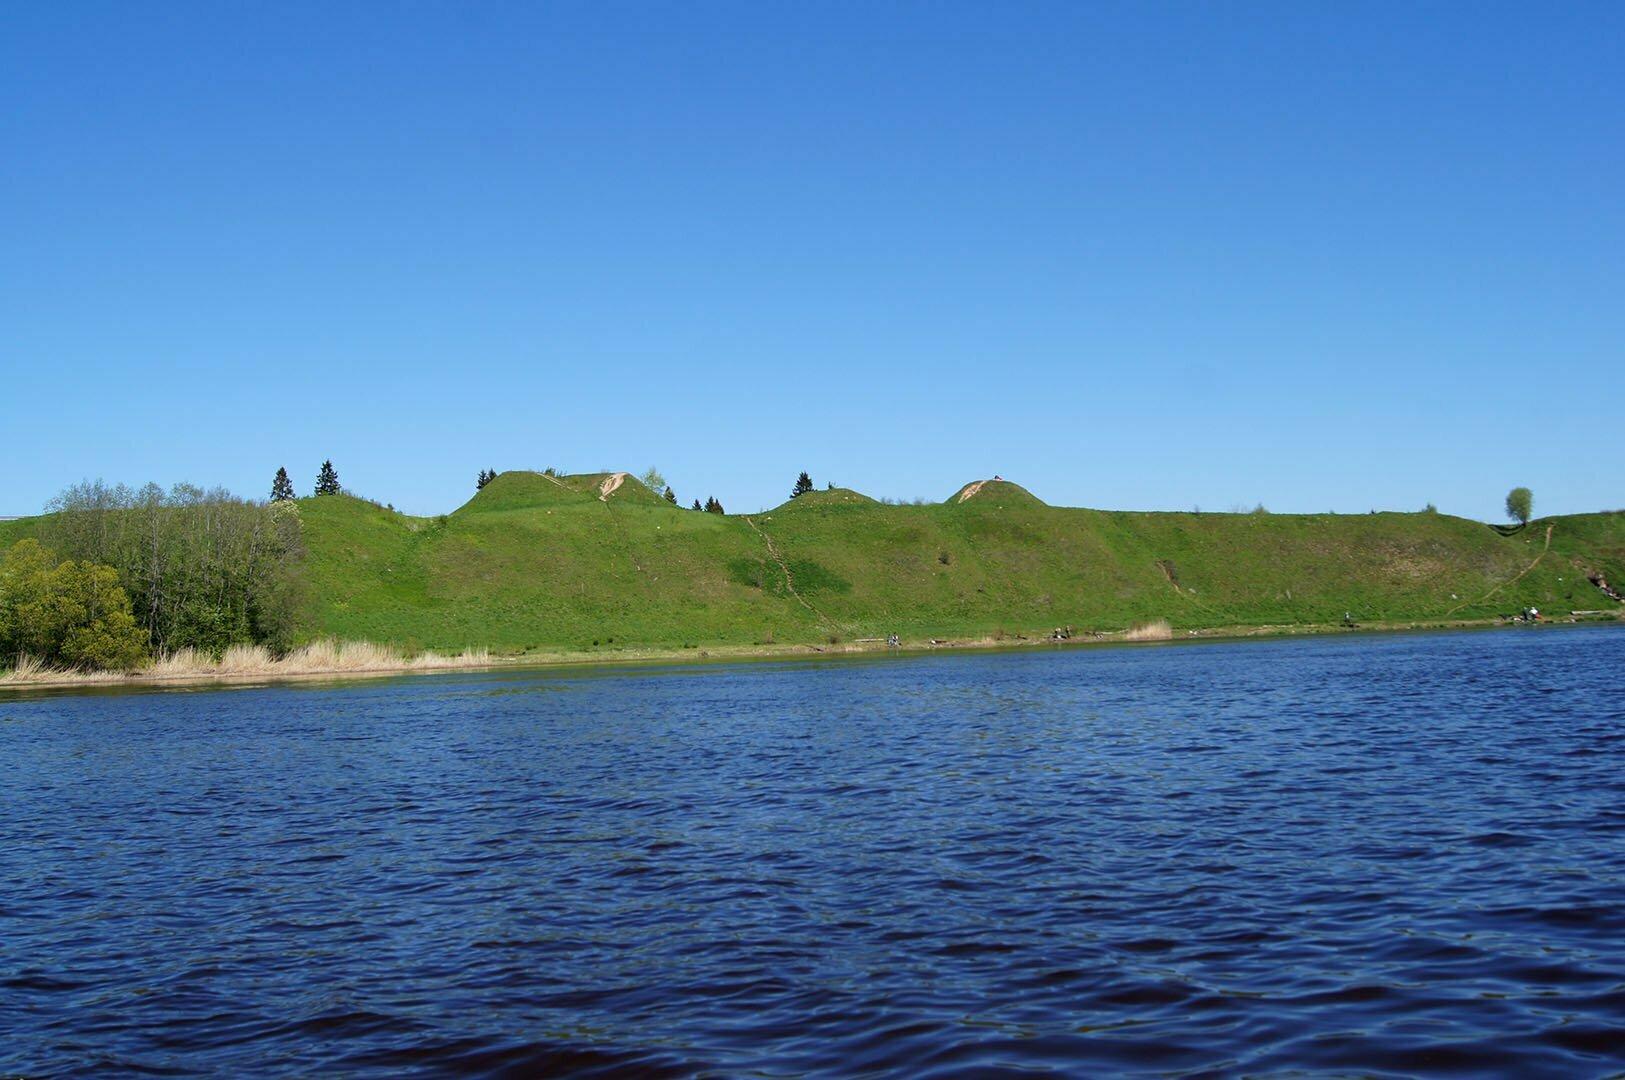 Курганы по берегам Волхова в Старой Ладоге